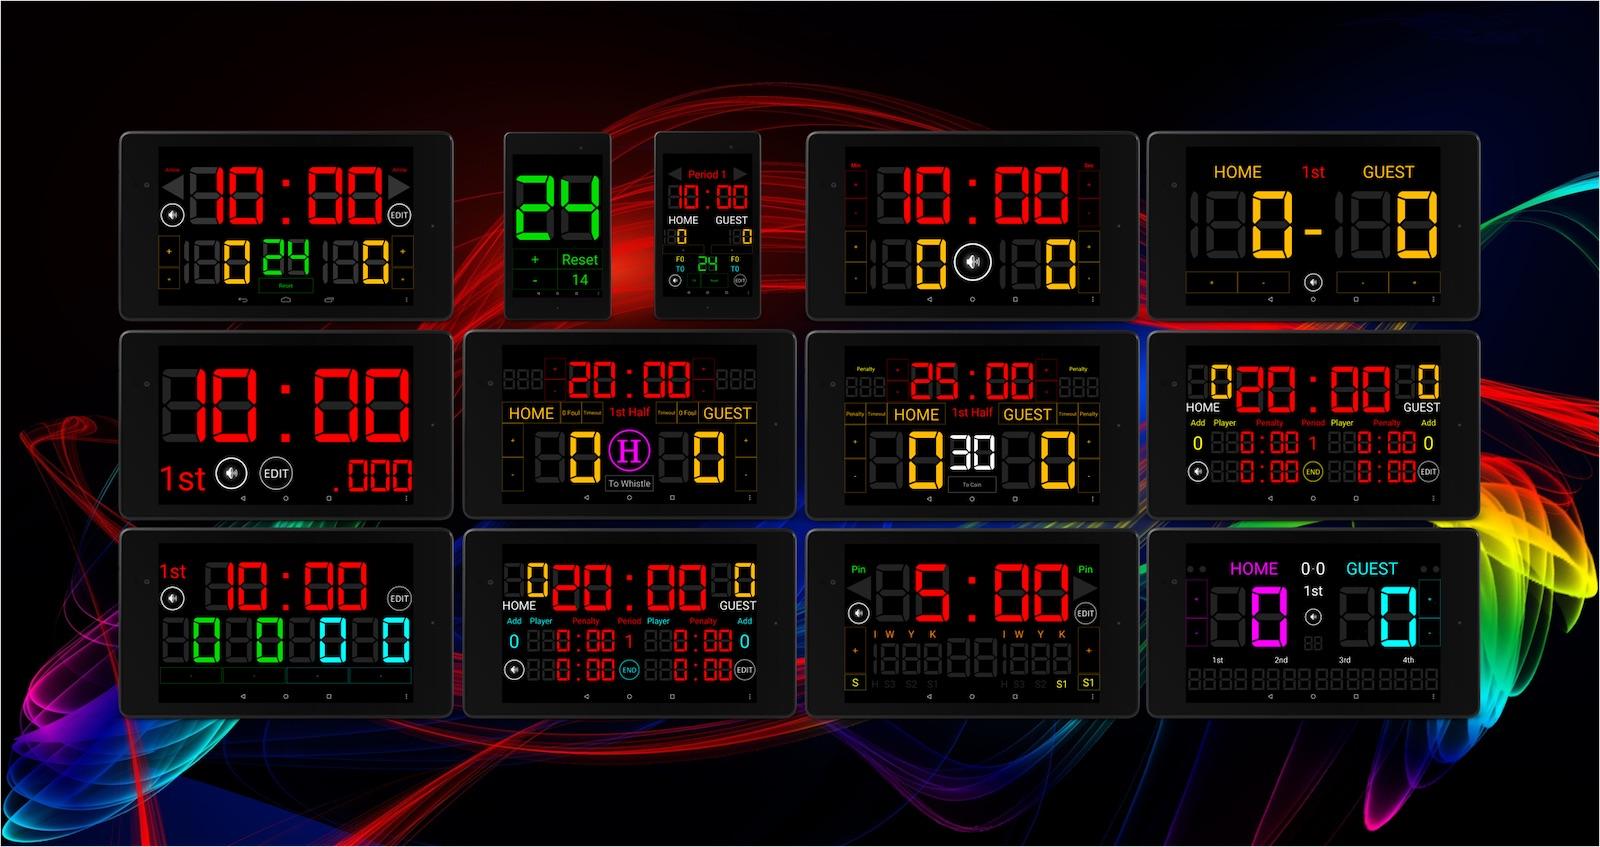 2. Scoreboard All